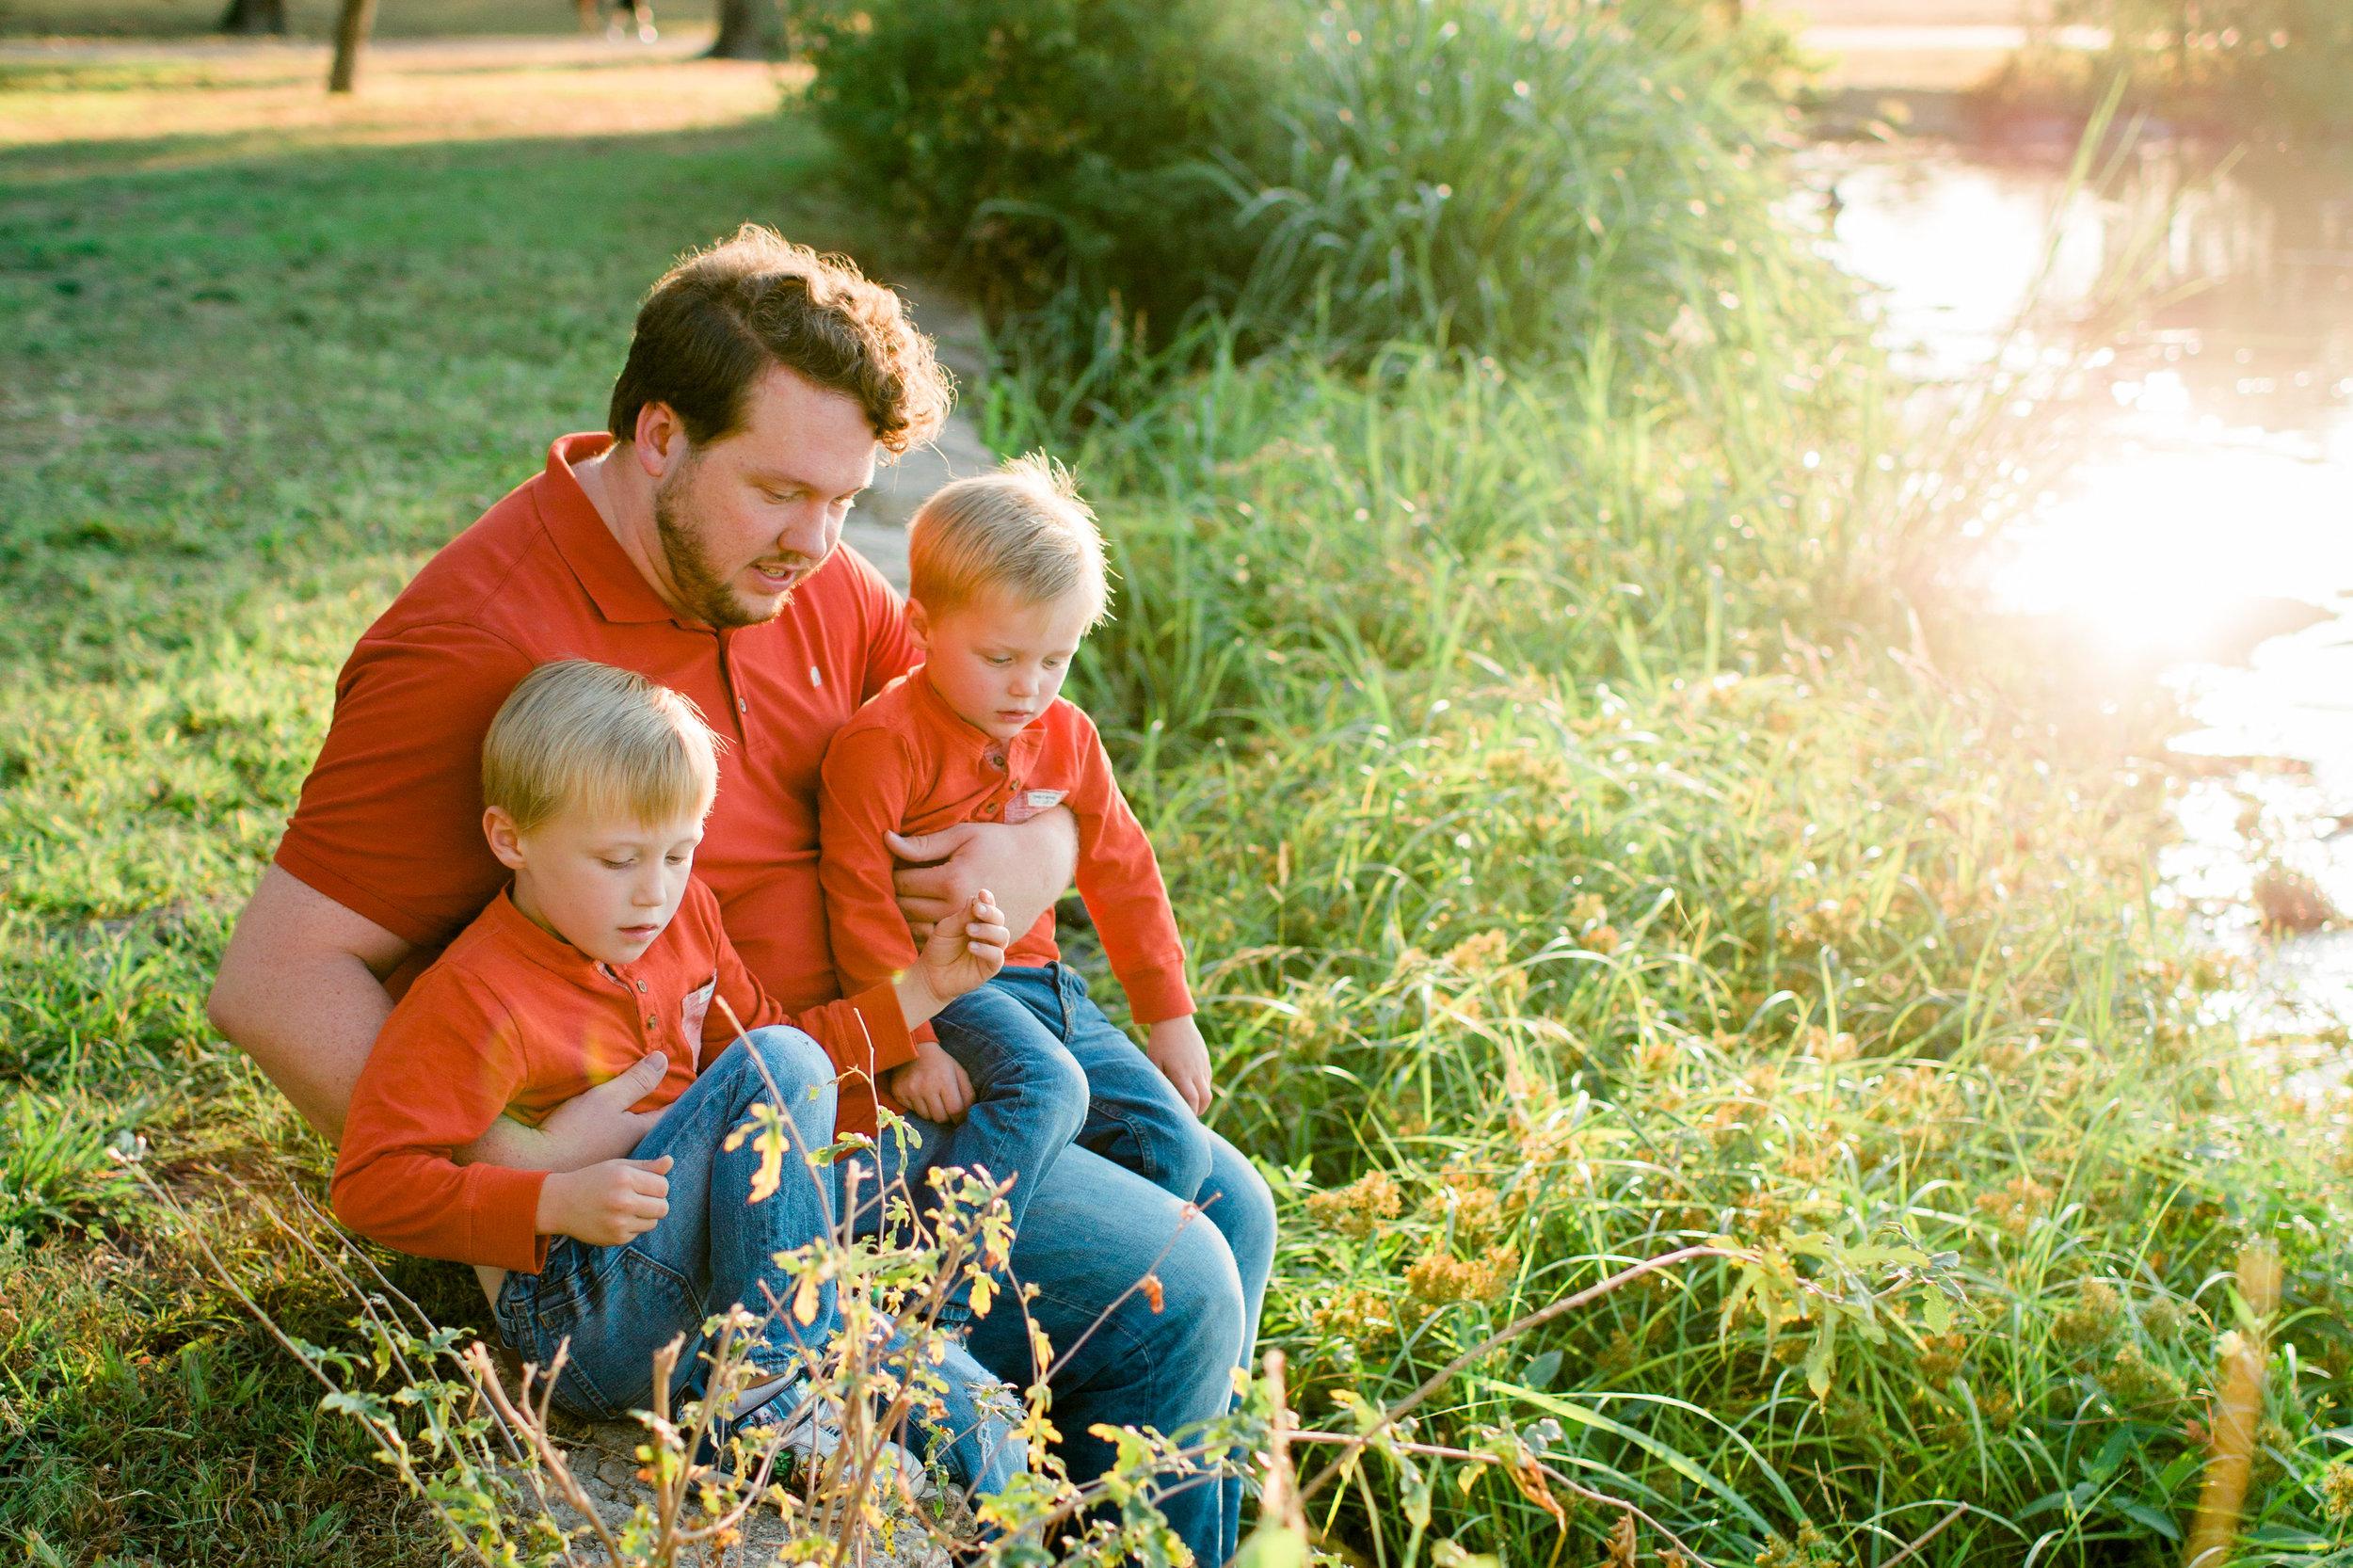 AEphoto_Smith-Family-25